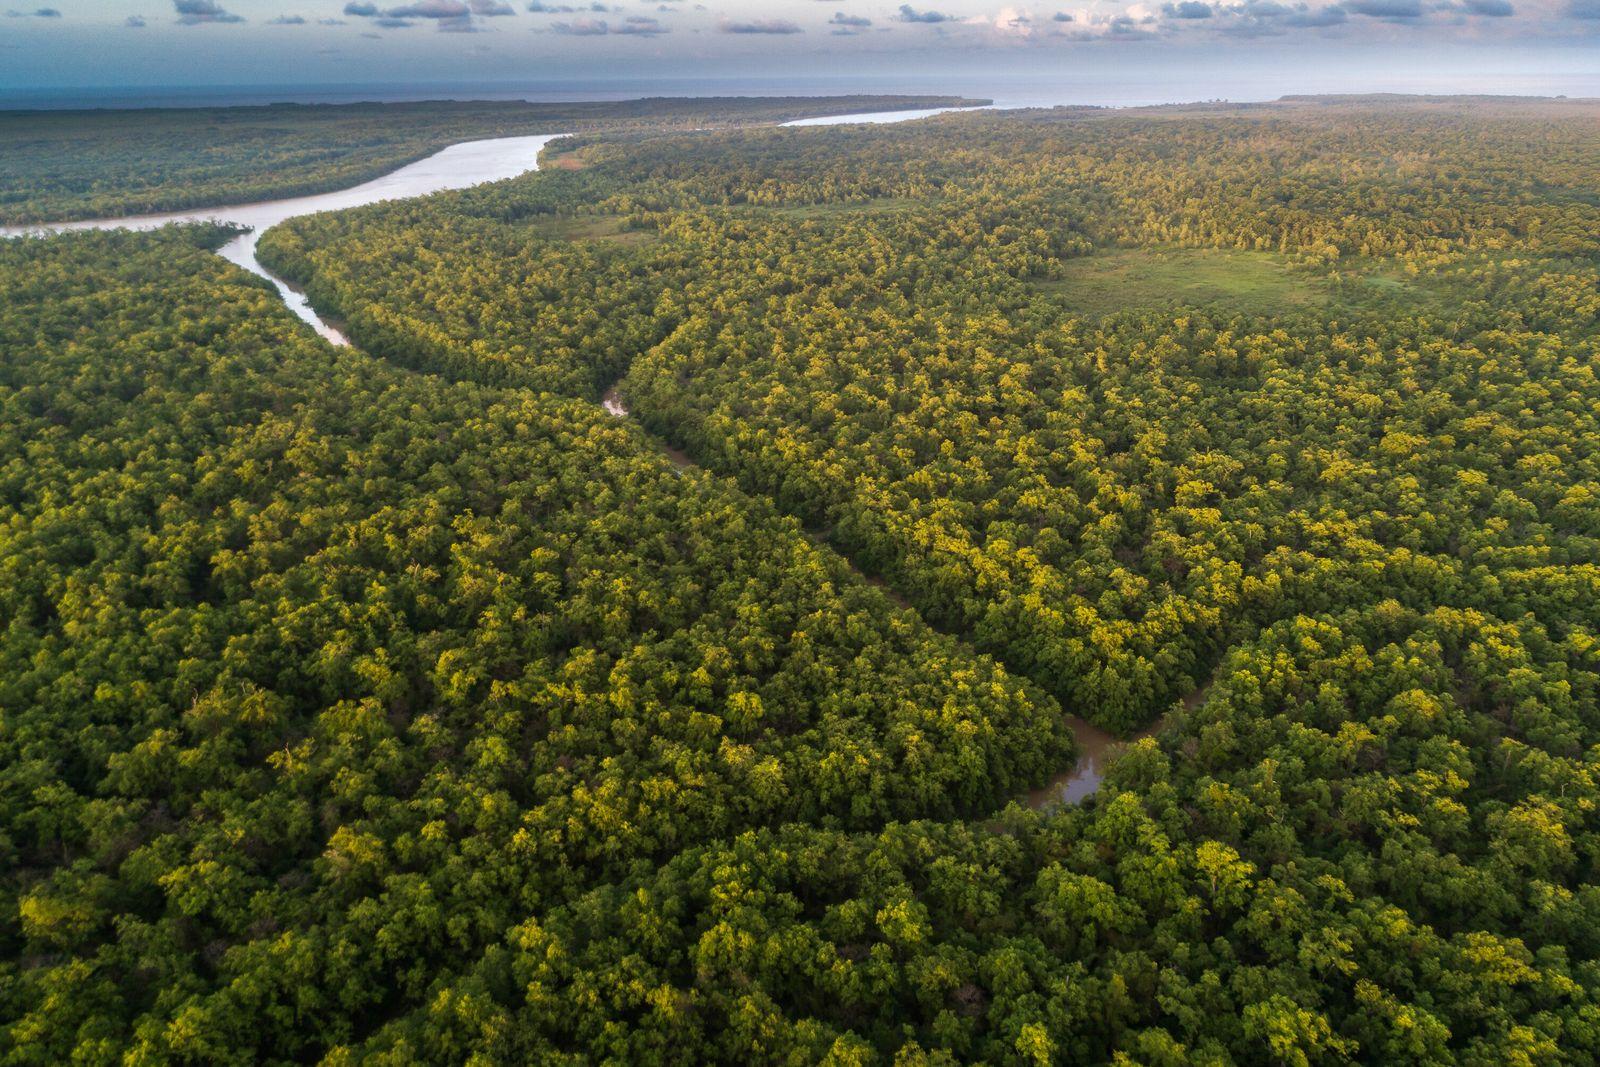 O igarapé Cobra e canal do Inferno abrem caminhos na Estação Ecológica de Maracá-Jipioca, no Amapá. ...